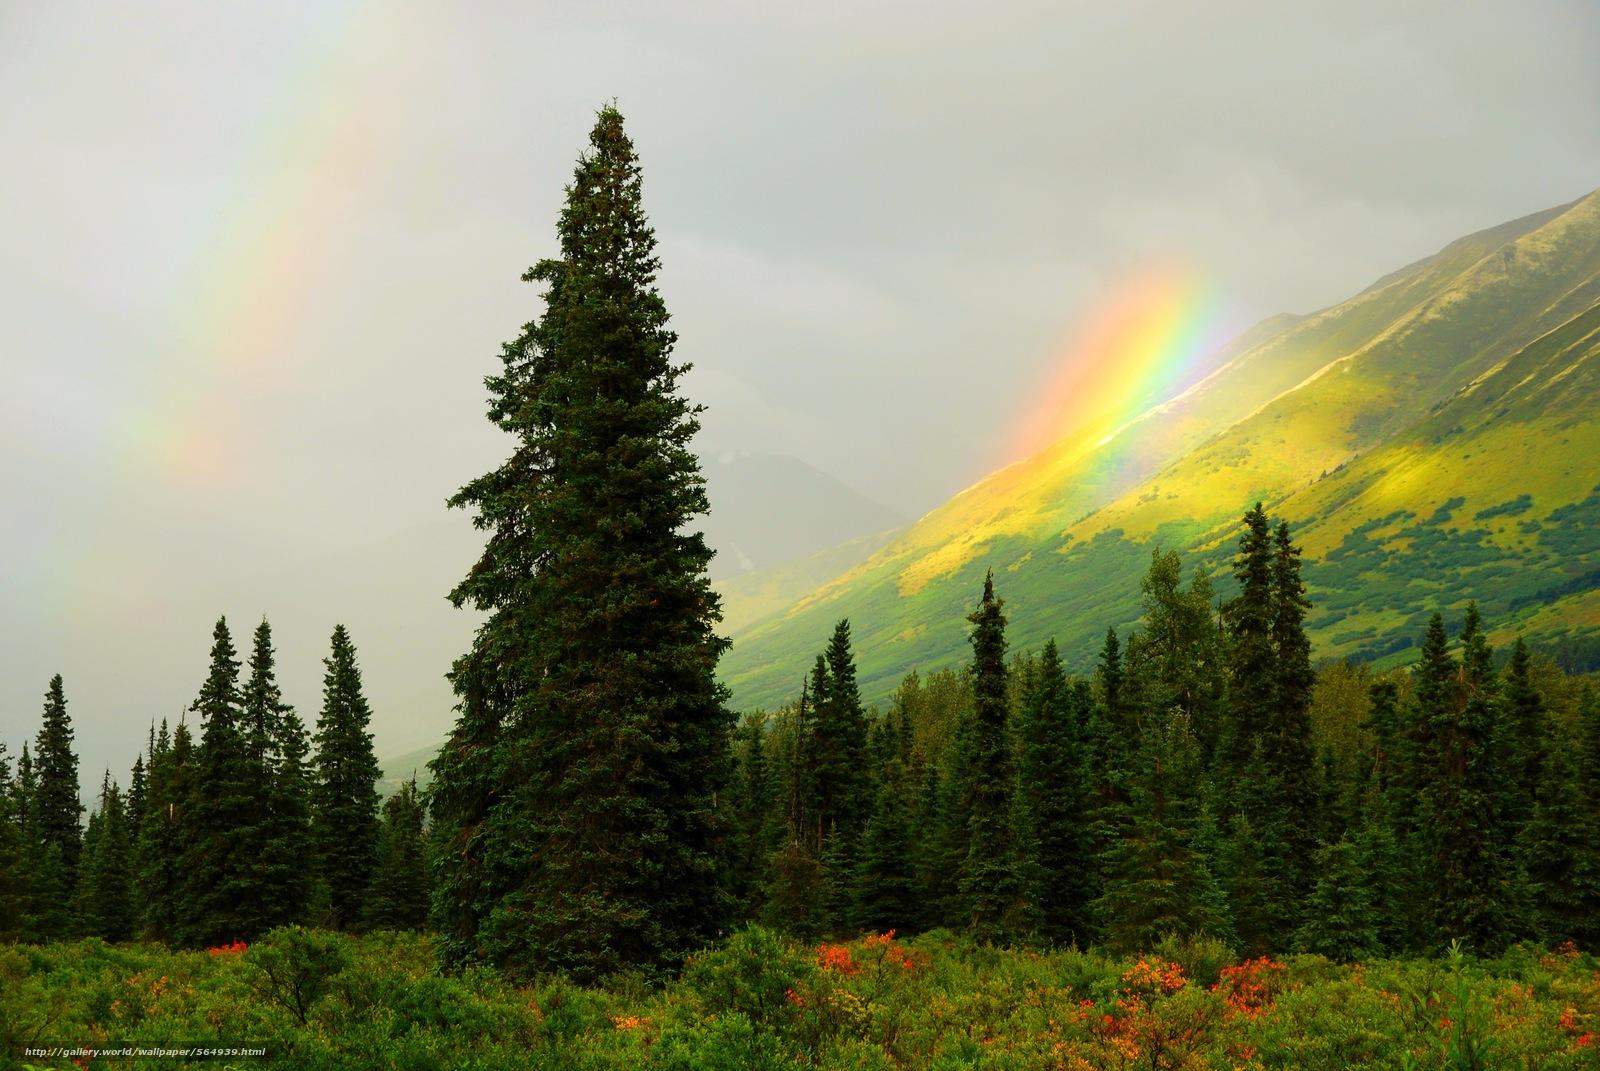 Скачать обои горы,  лес,  деревья,  радуга бесплатно для рабочего стола в разрешении 3872x2592 — картинка №564939